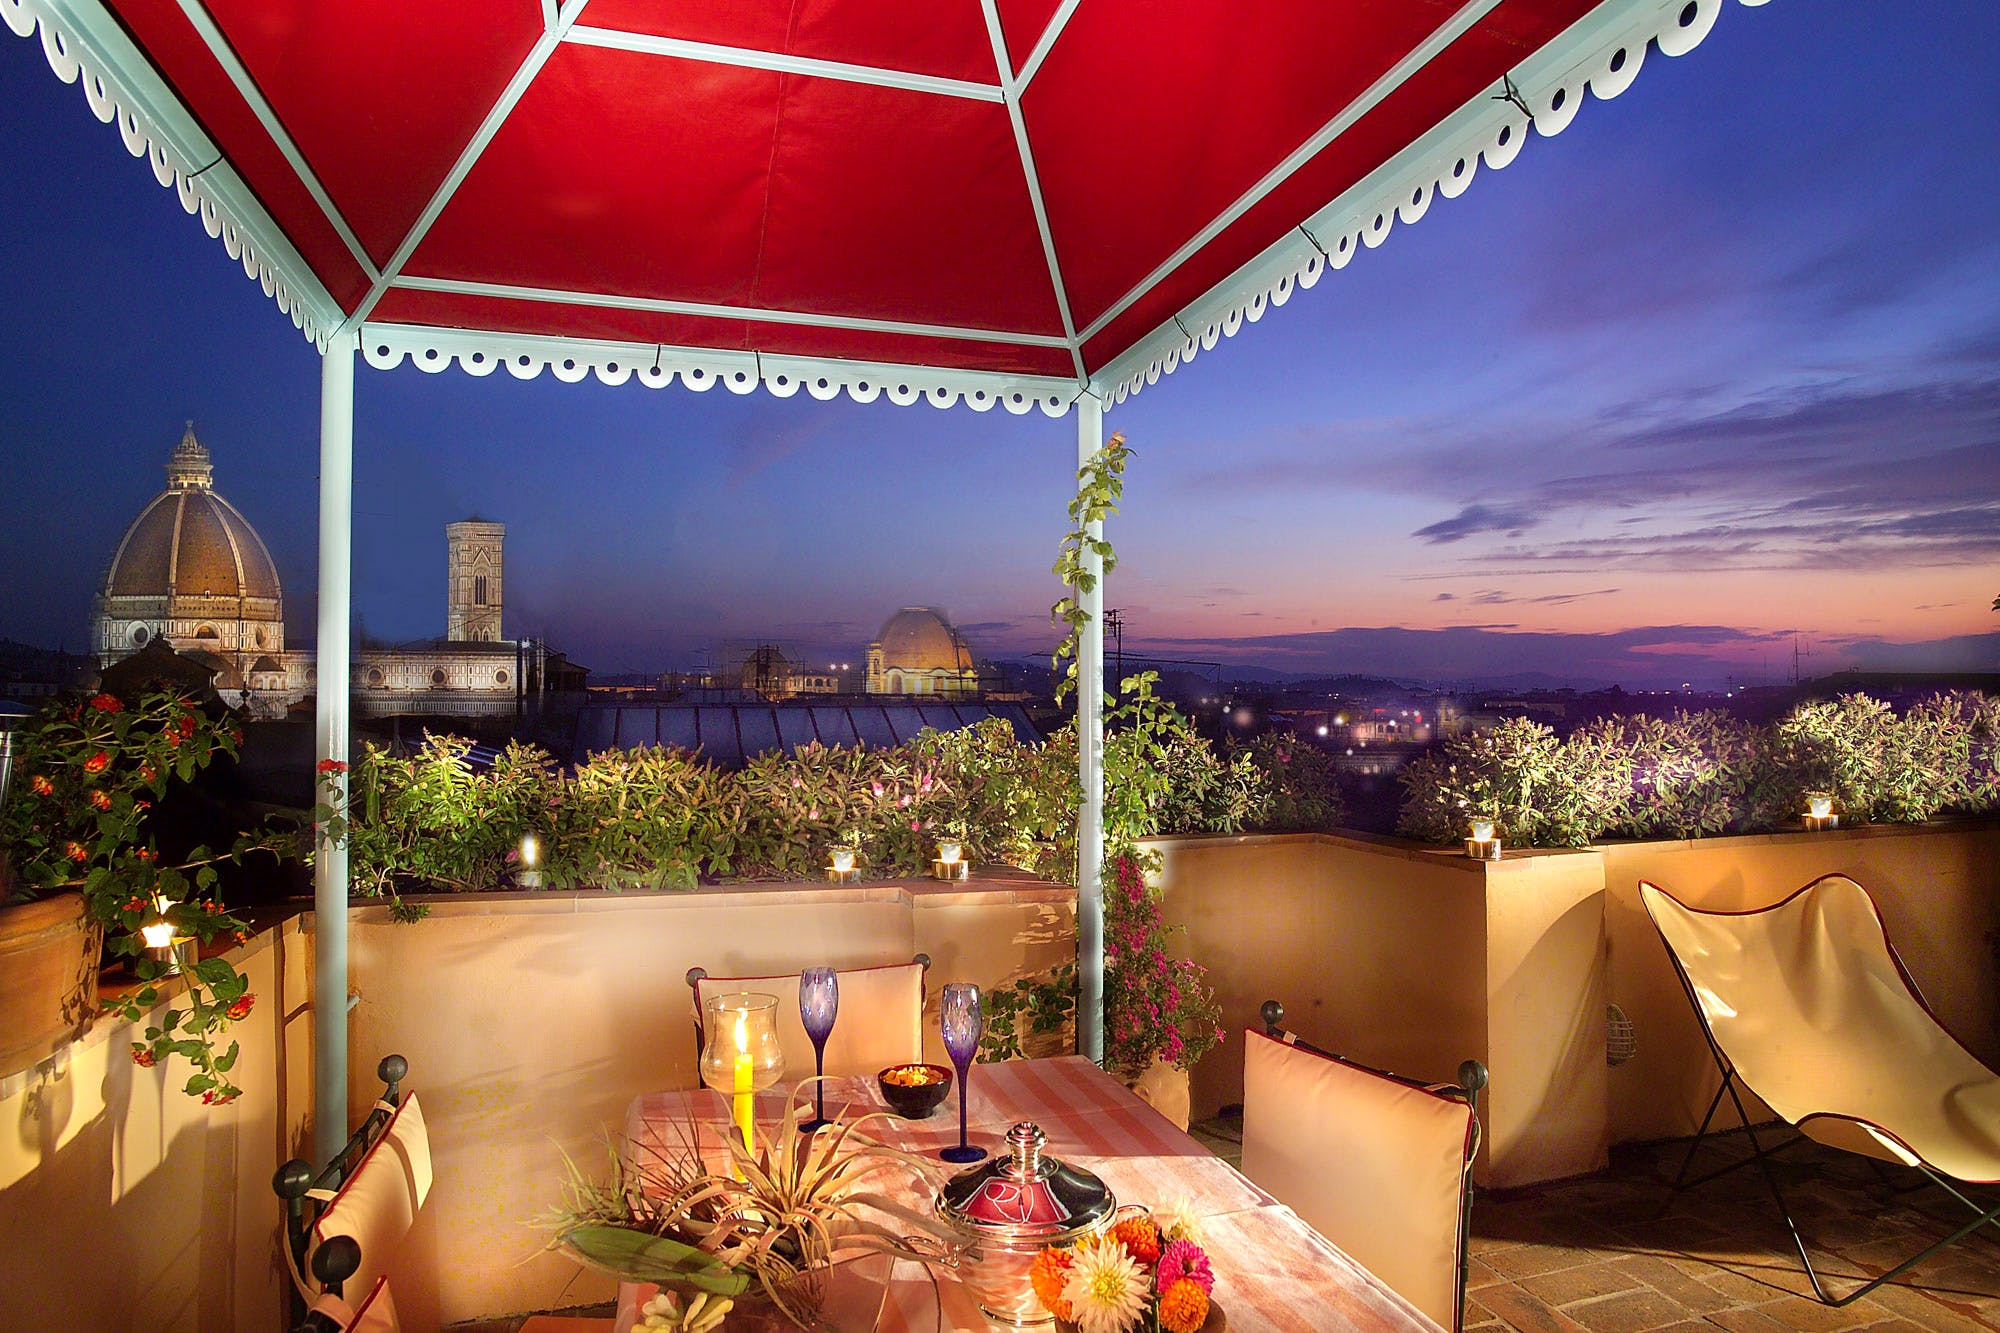 Alloggiare a Firenze:Hotel Firenze,B&B,Appartamenti e Ville a Firenze